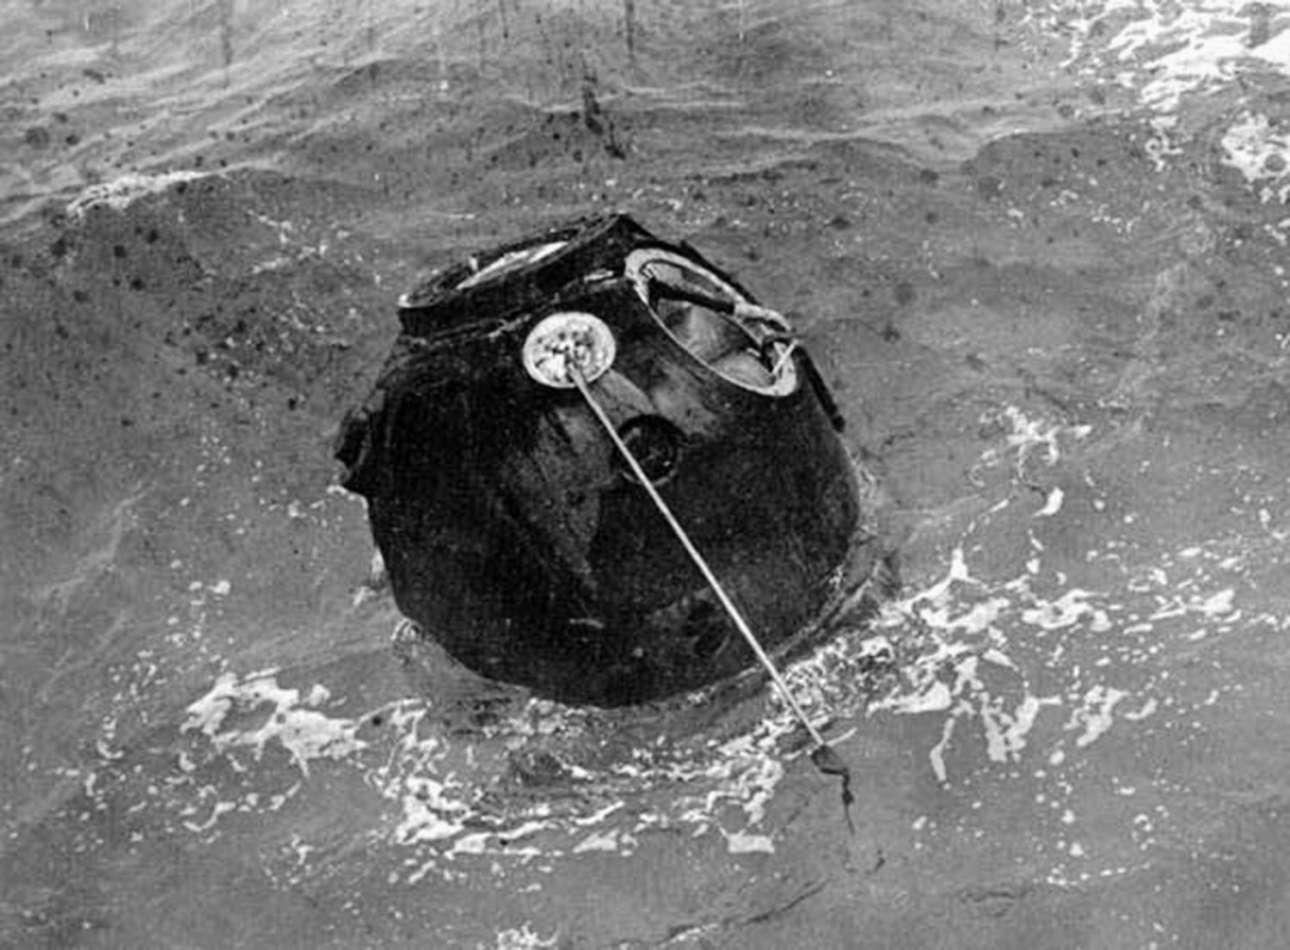 Το ρωσικό Zond 5 μετά την προσθαλάσσωση στον Ινδικό Ωκεανό, στις 21 Σεπτεμβρίου 1968. Hταν η πρώτη επιτυχημένη αποστολή που κατάφερε να κάνει τον γύρο της Σελήνης και να επιστρέψει στη Γη και η πρώτη που μετέφερε ζωντανούς οργανισμούς - ανάμεσα τους και δύο χελώνες που επιβίωσαν και επέστρεψαν στη Μόσχα- μέχρι τη Σελήνη και πίσω